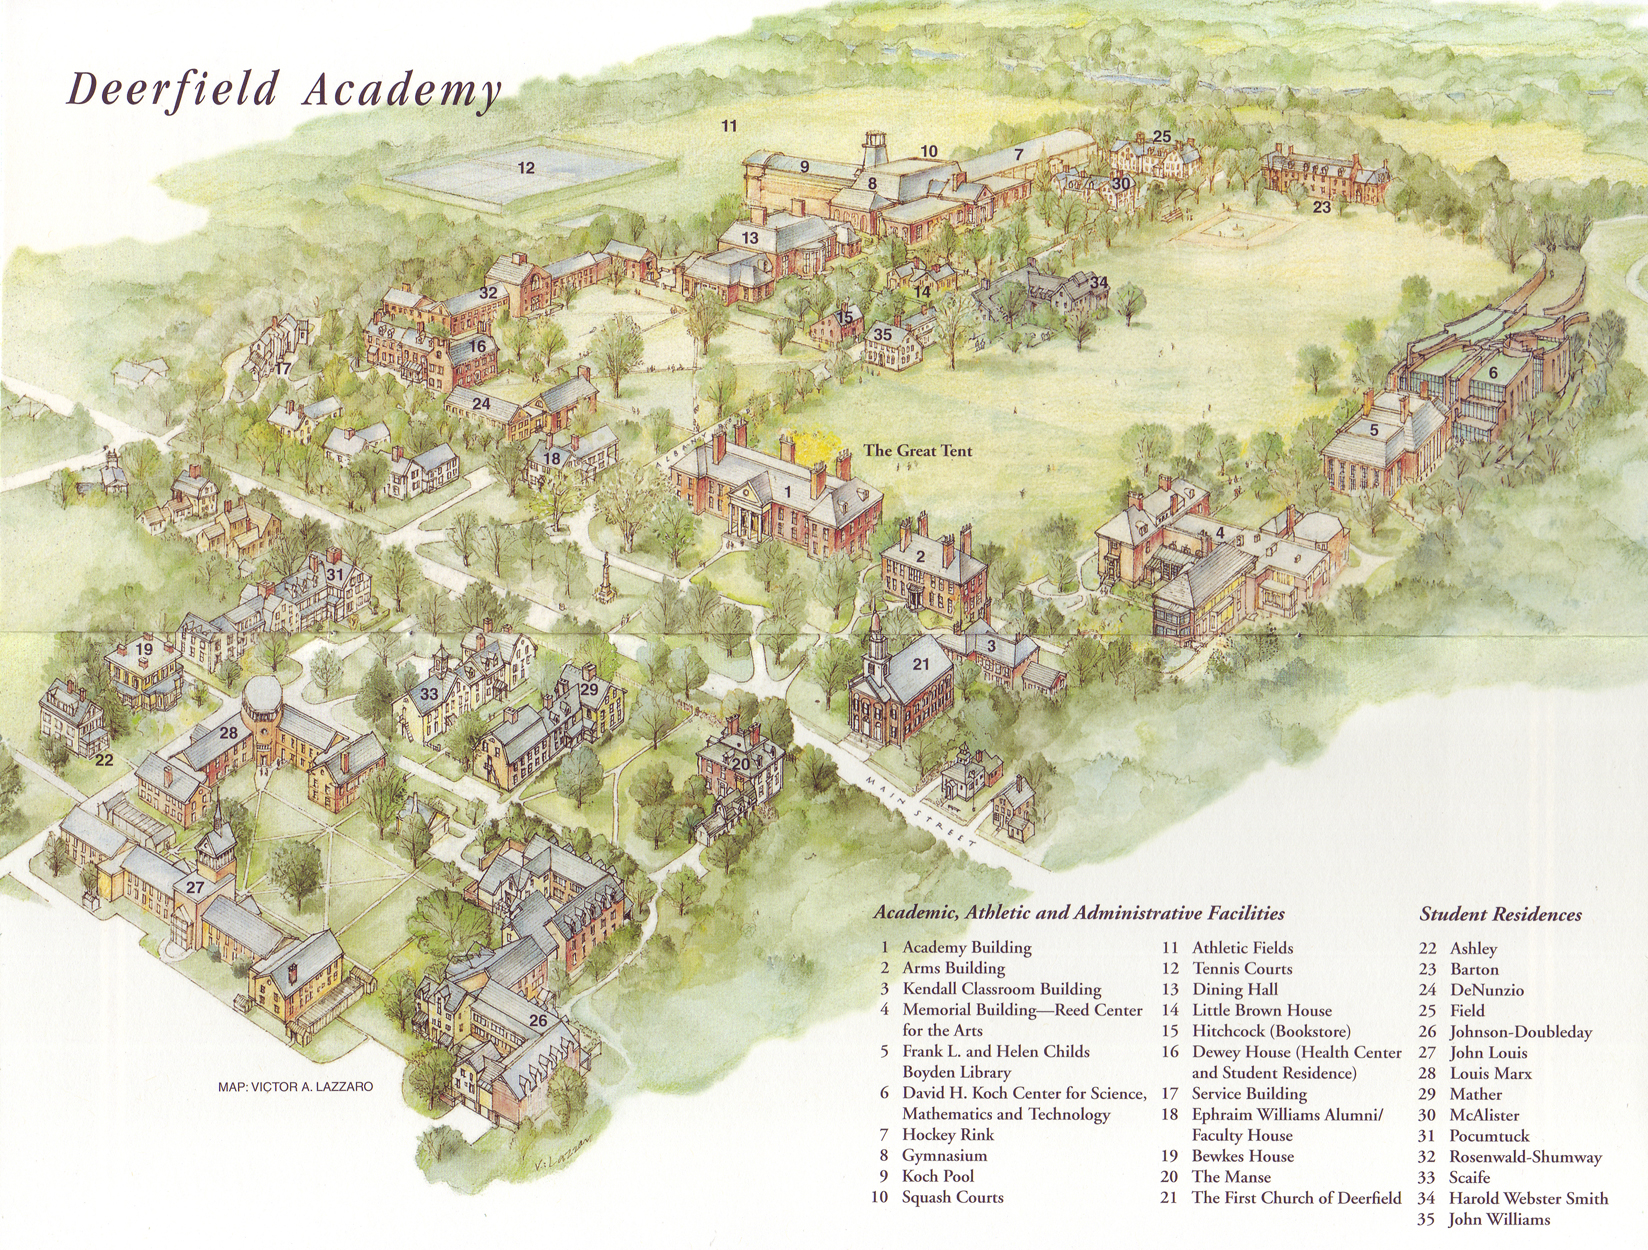 Deerfield Academy Campus Map Deerfield Mass Mappery